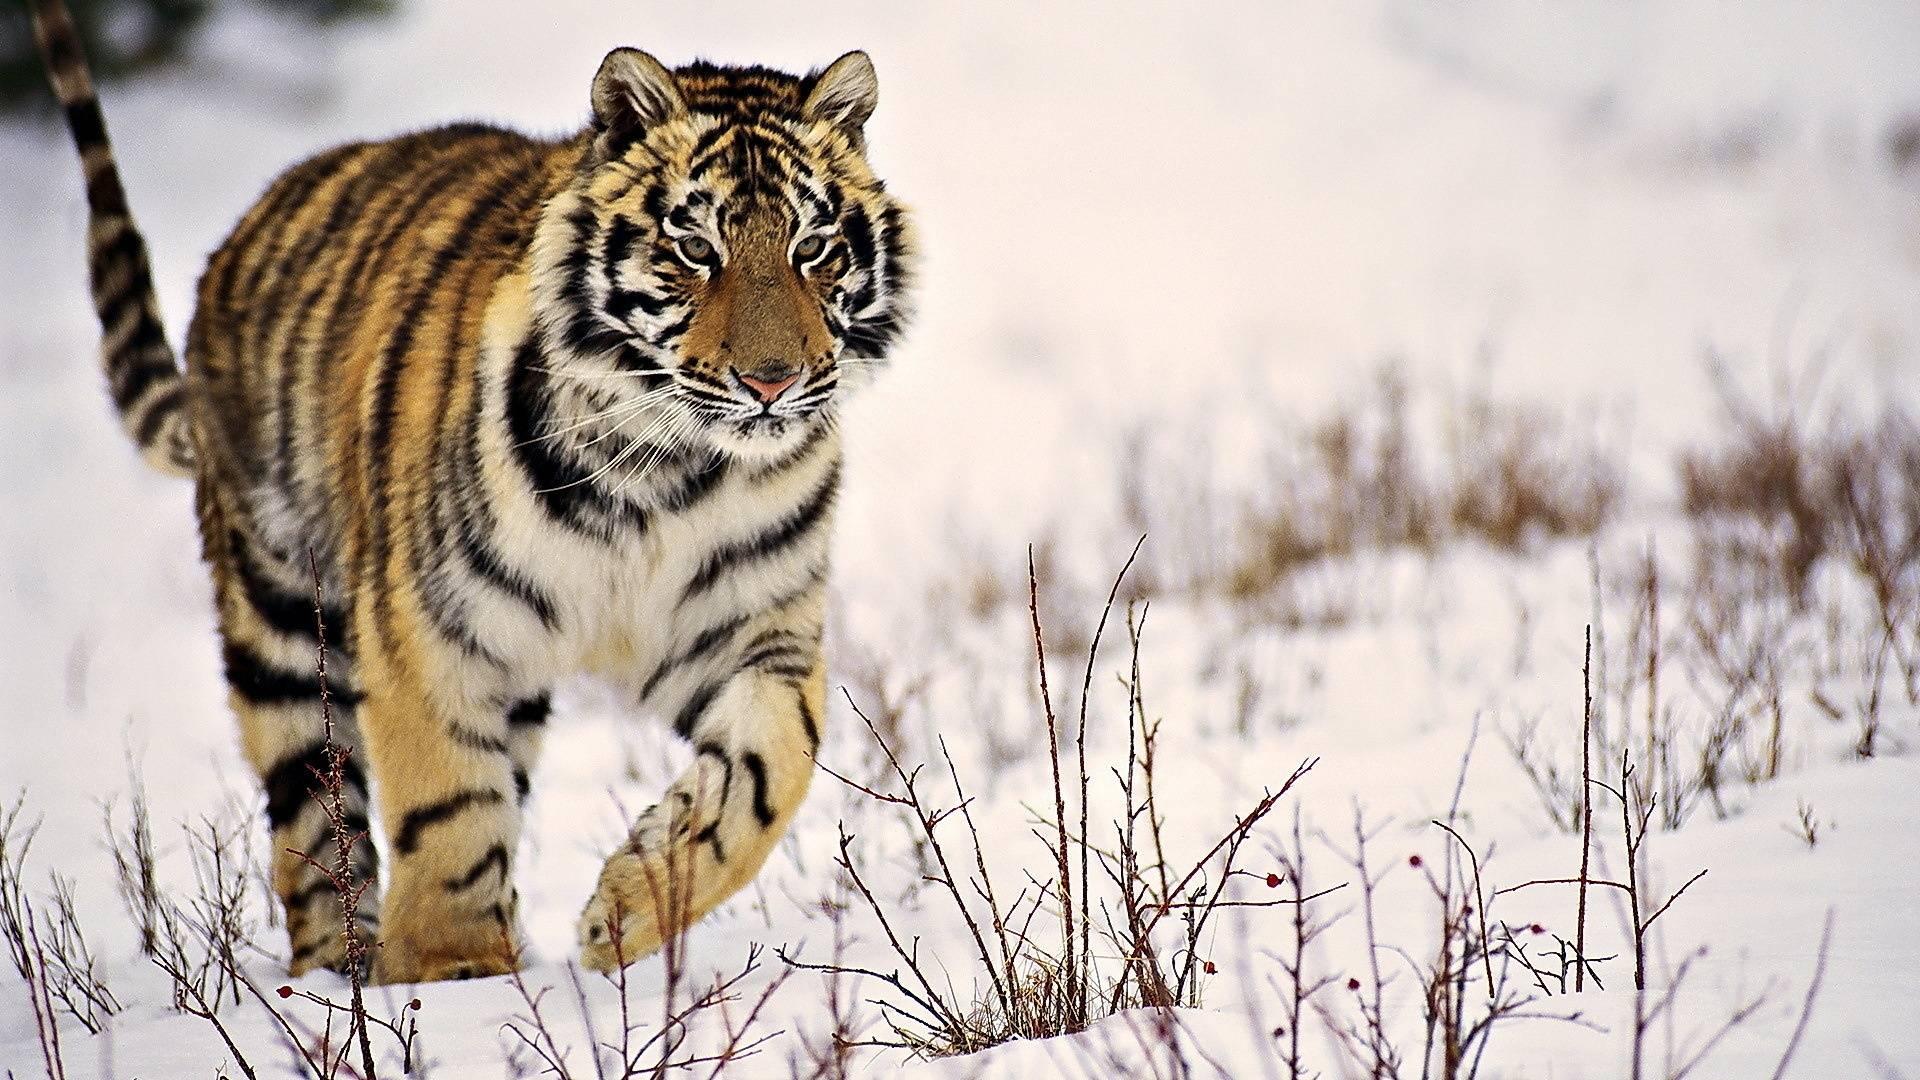 zima_polosatyy_tigr_sneg_idet_1920x1080